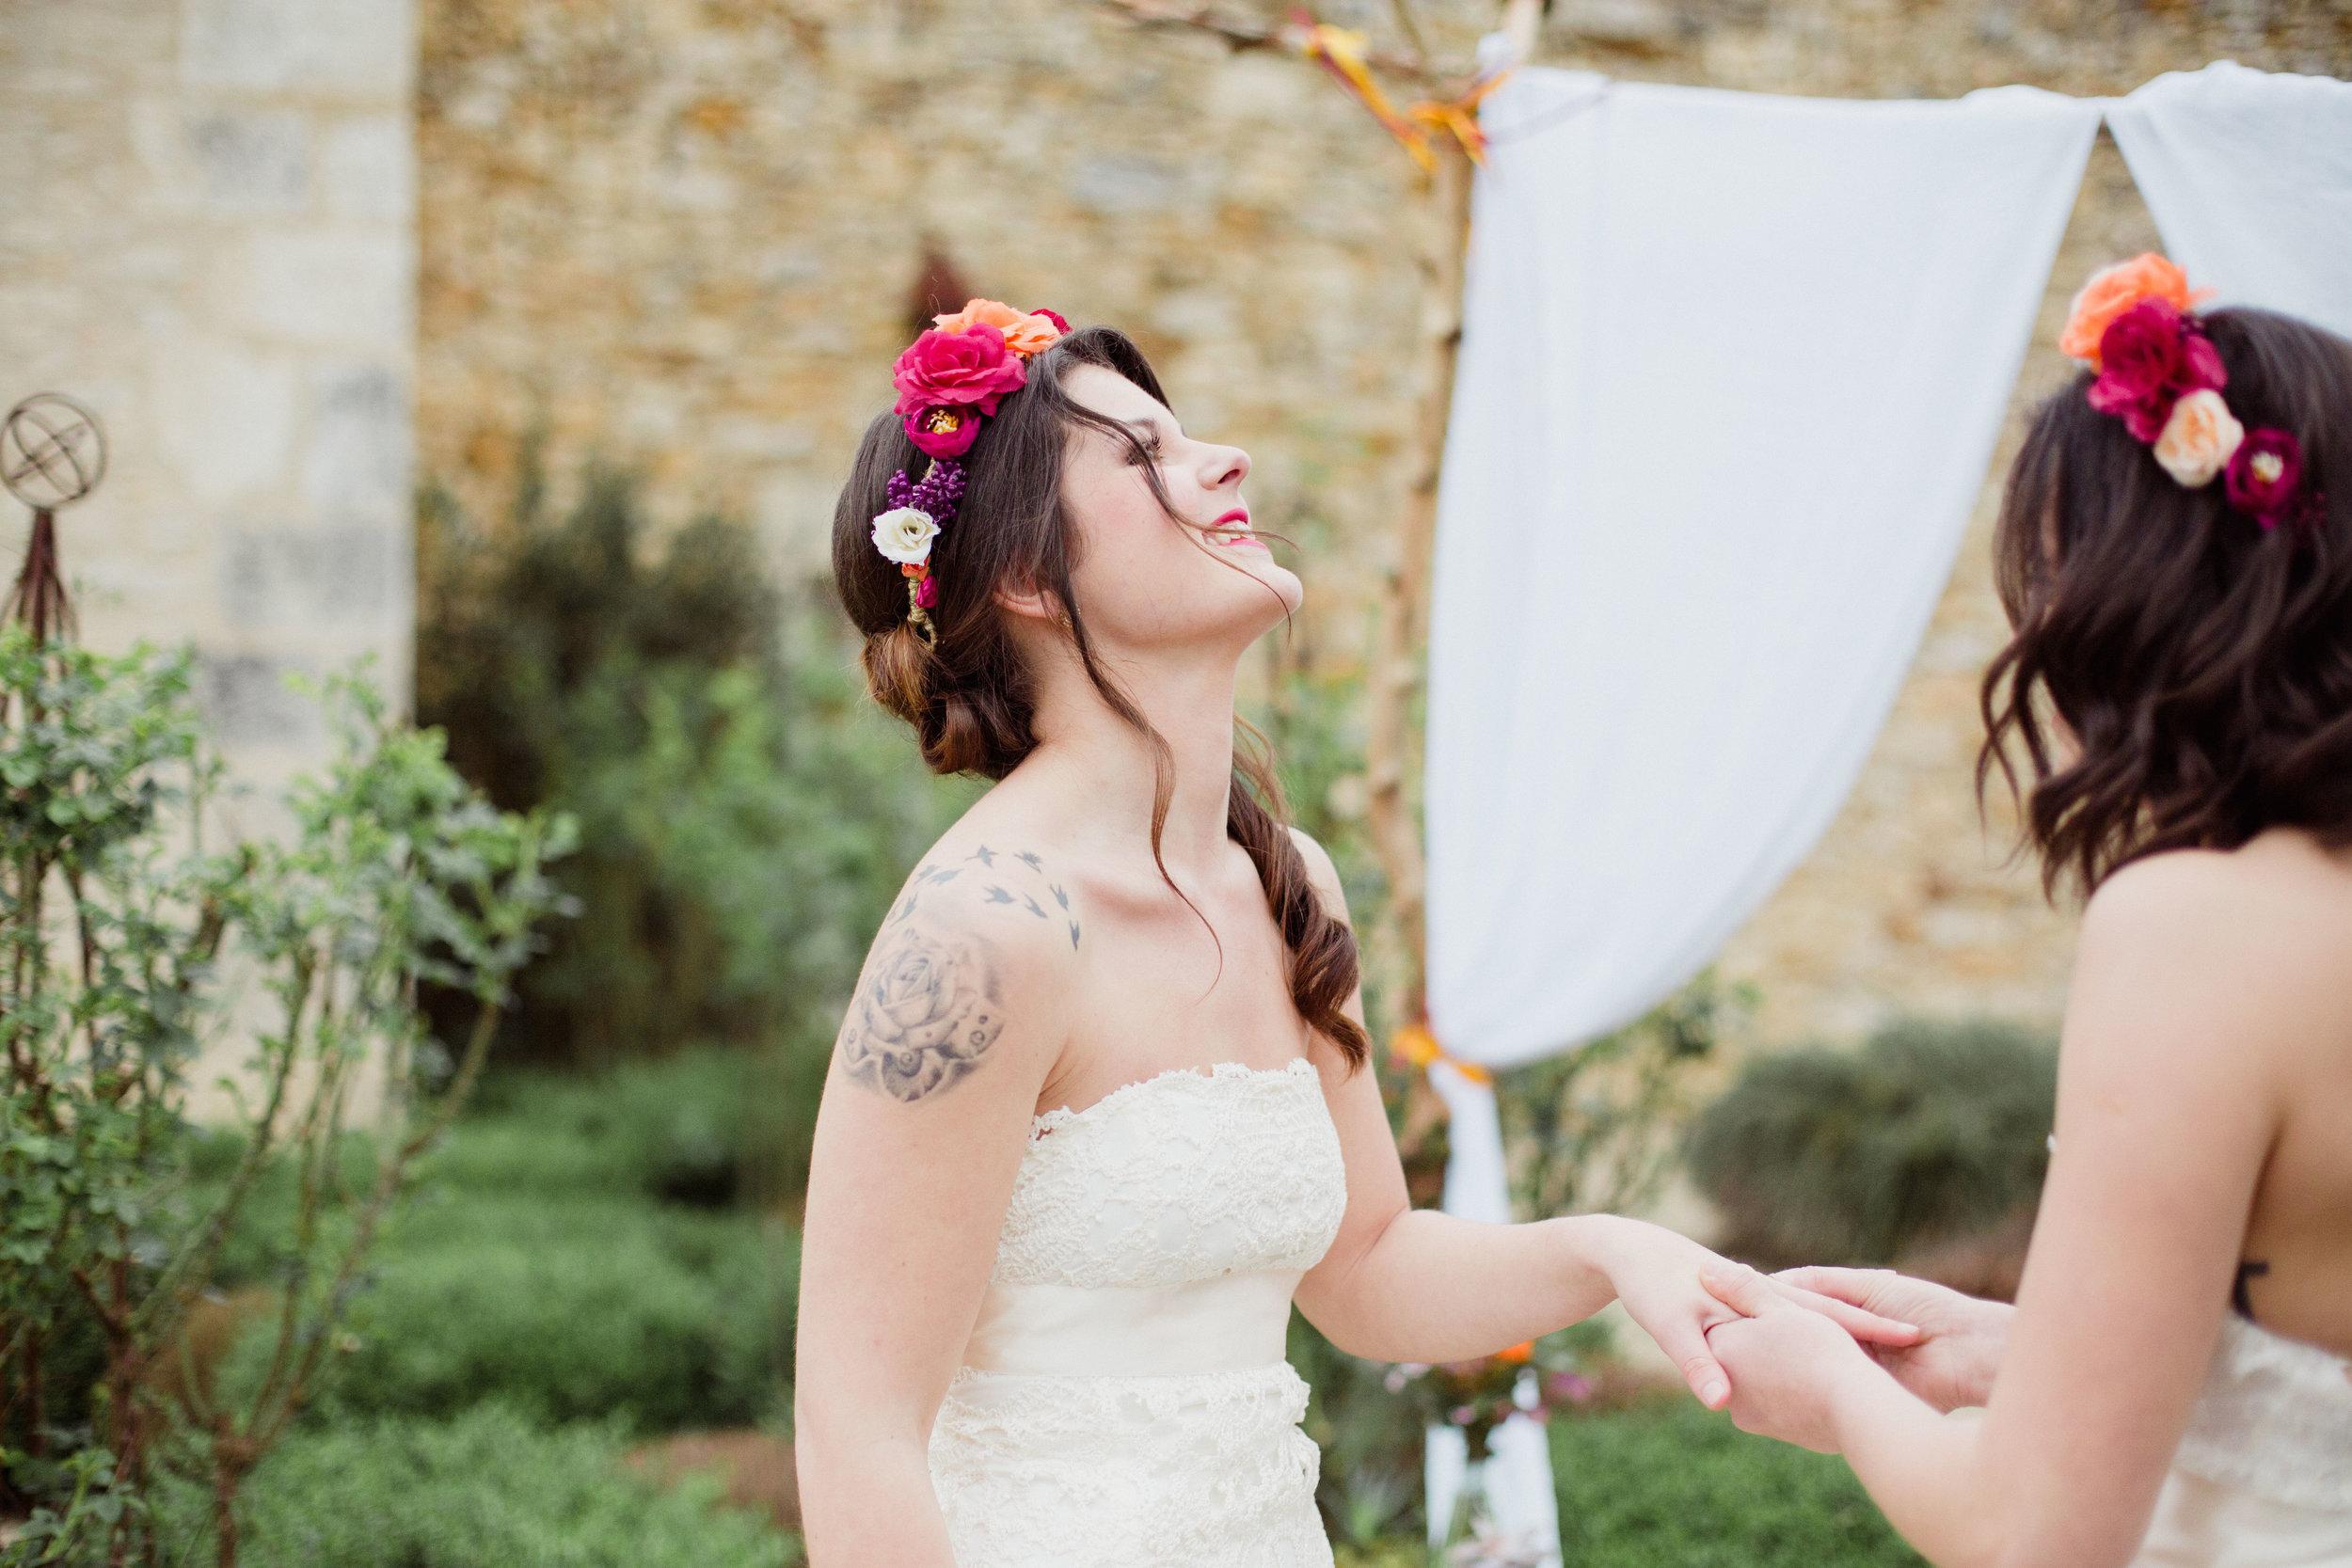 WeddingDayInspiration_T&M-36.jpg